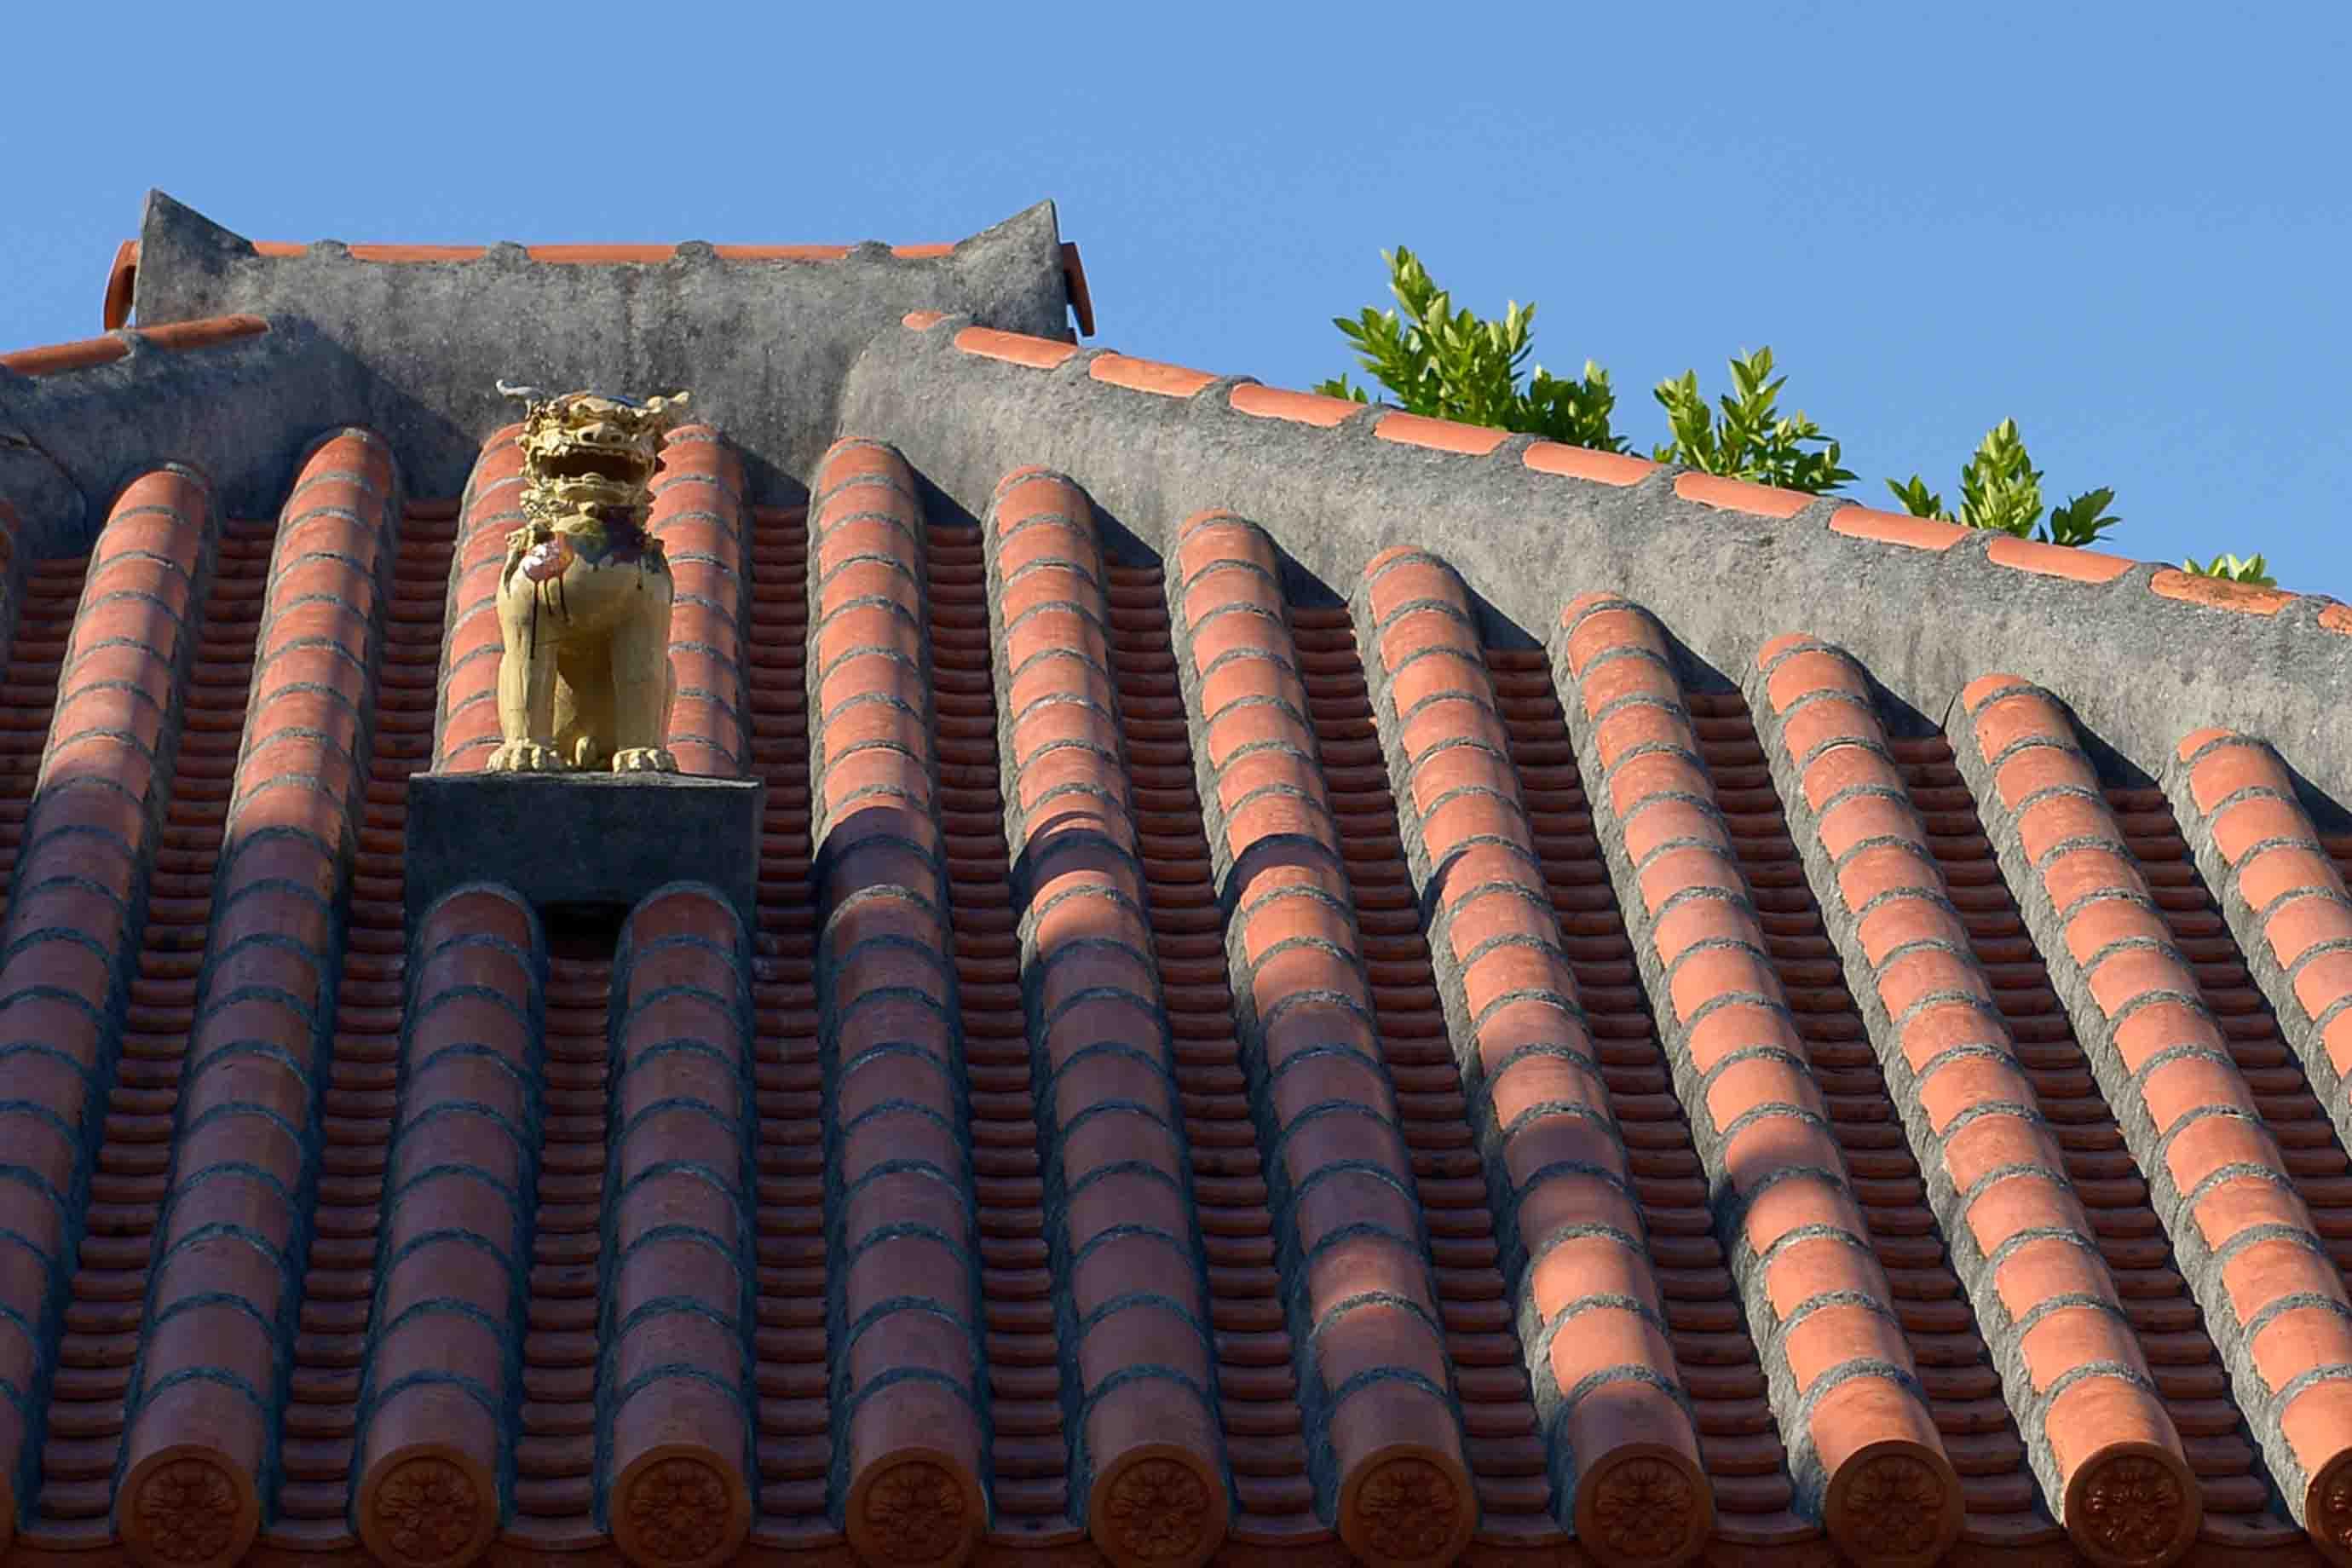 シーサーが乗った赤瓦屋根もよく見かけます